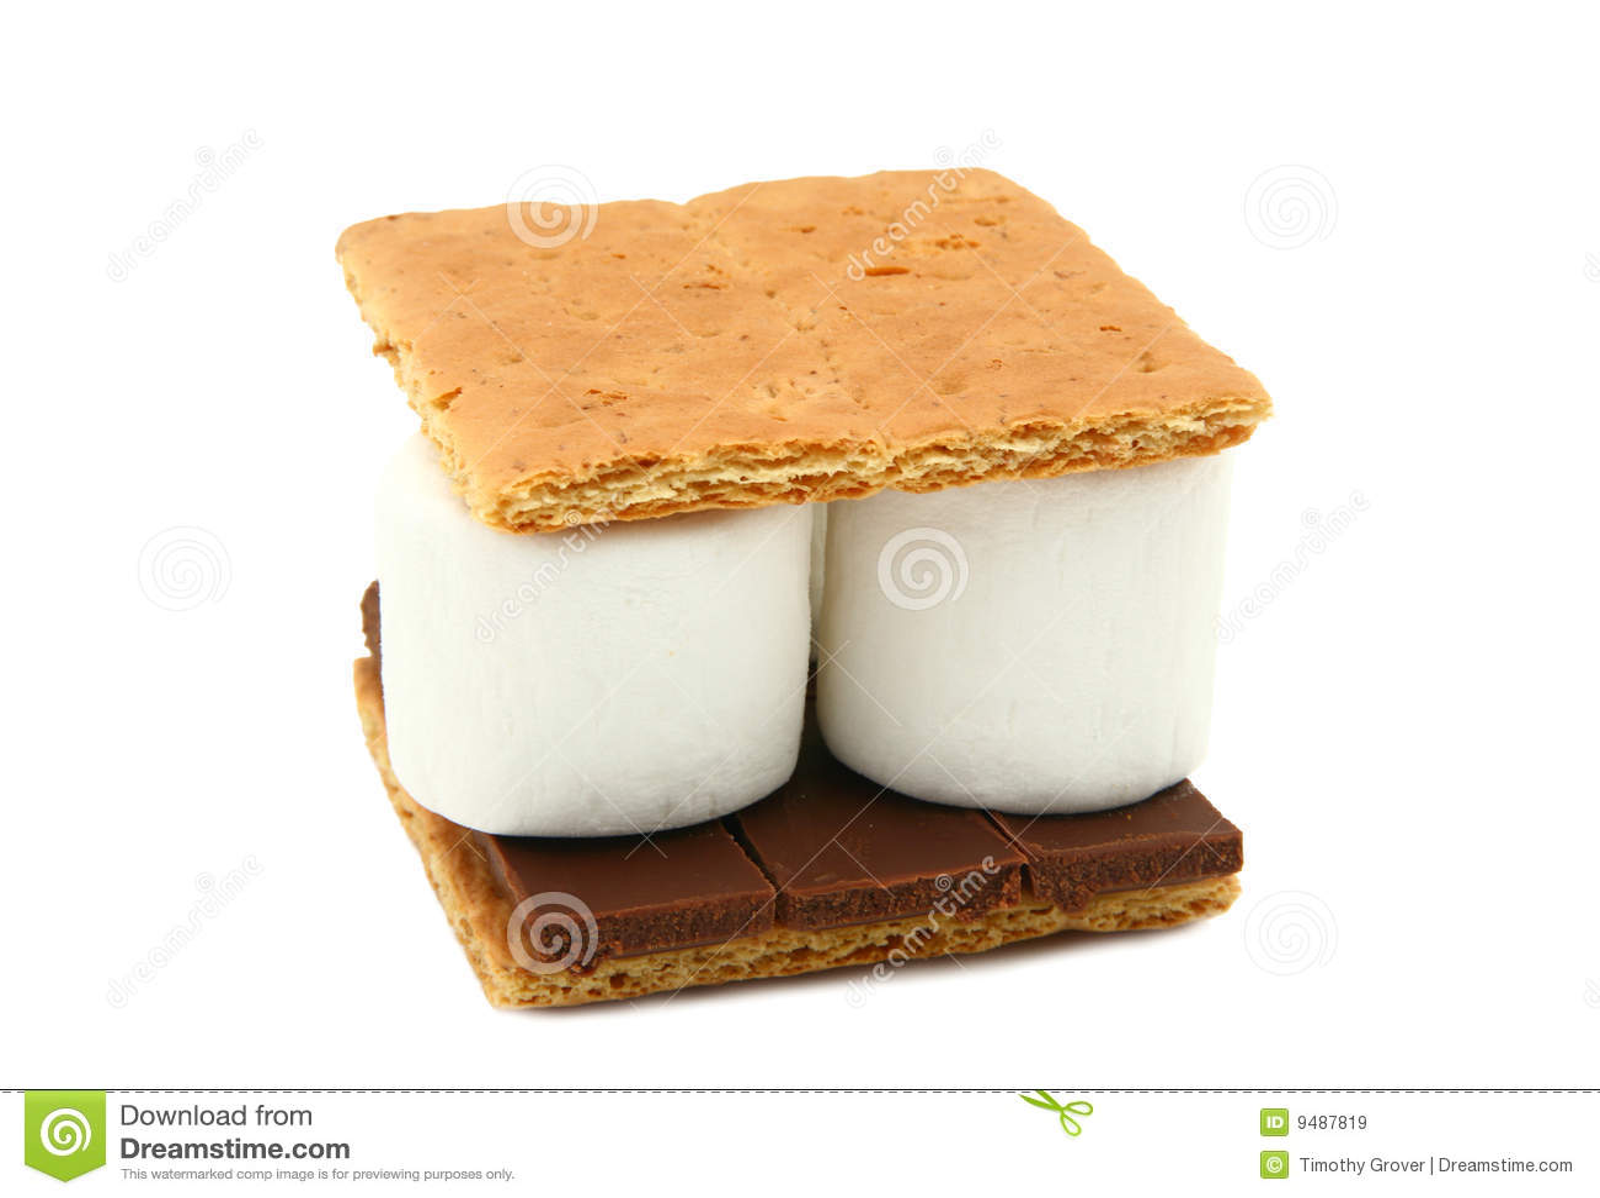 Marshmallow Graham Cracker Cake